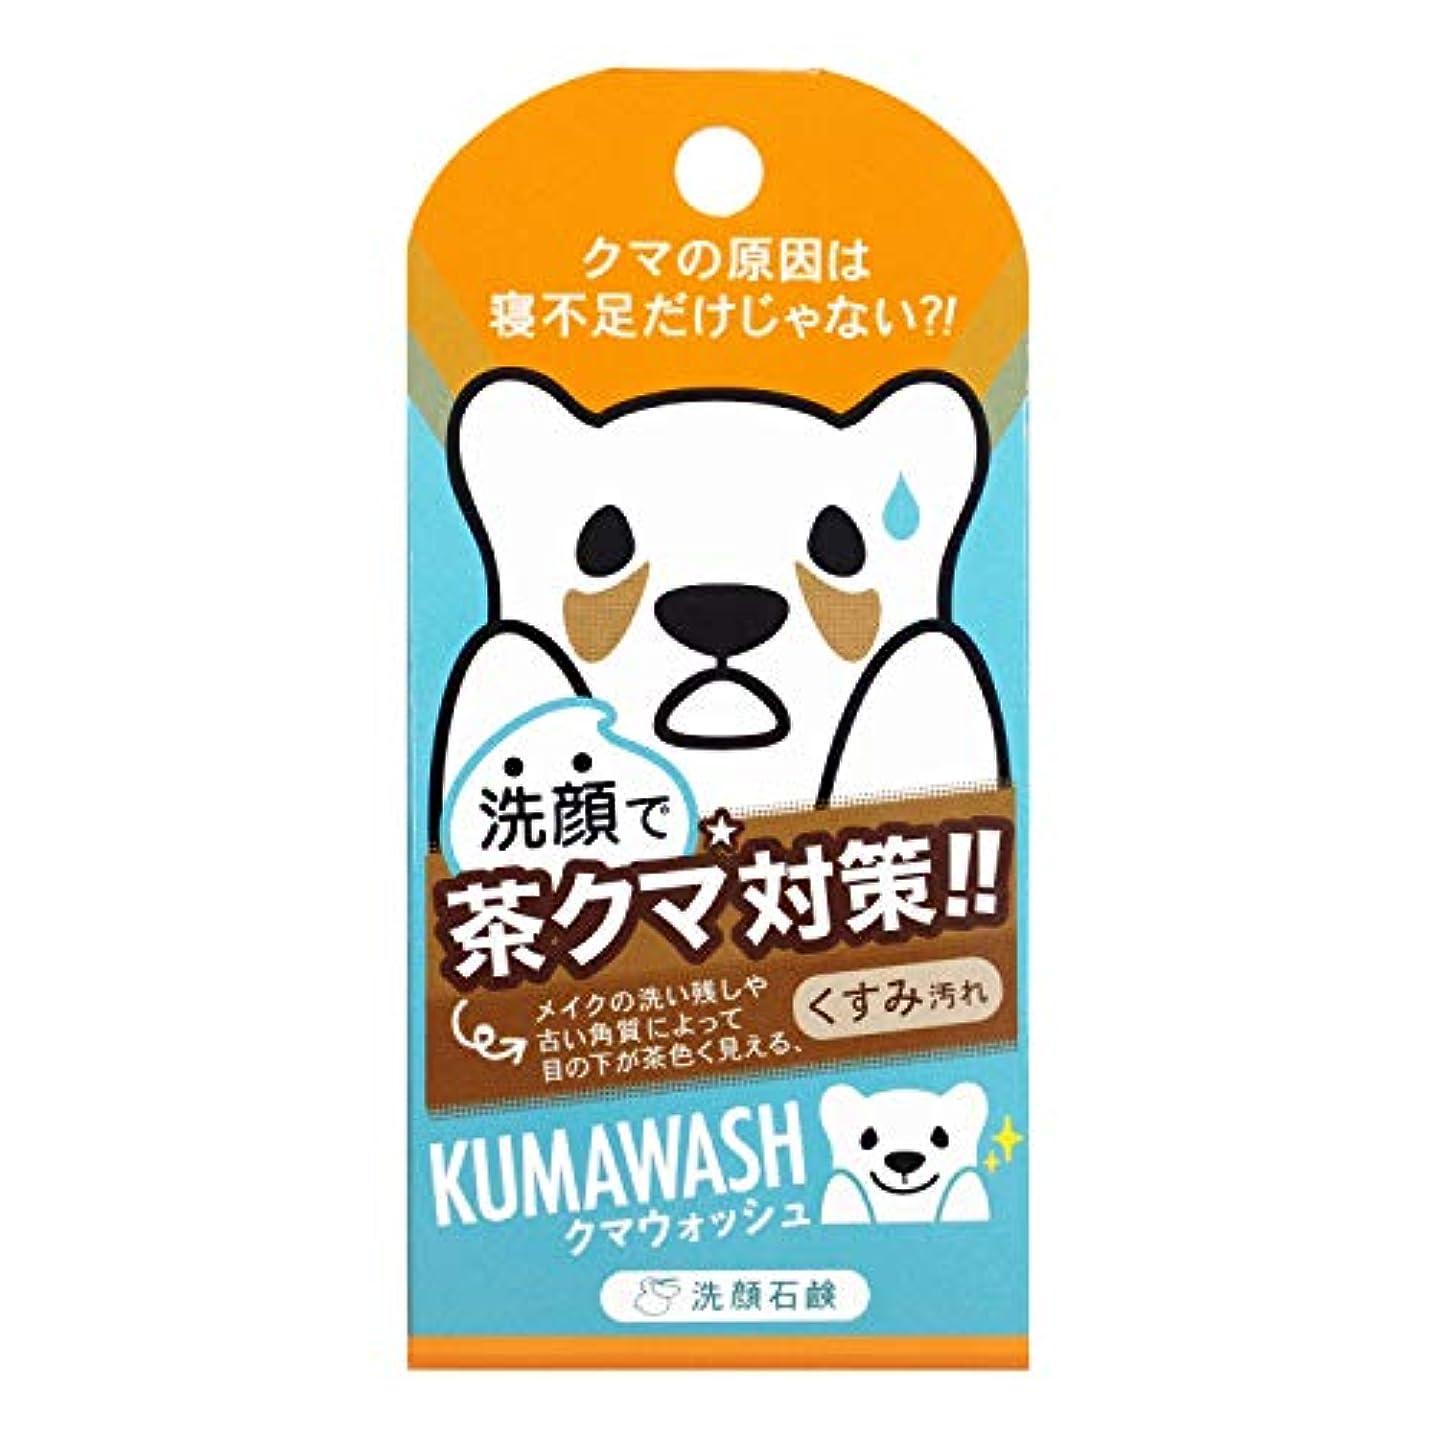 公園防ぐと遊ぶペリカン石鹸 クマウォッシュ洗顔石鹸 75g